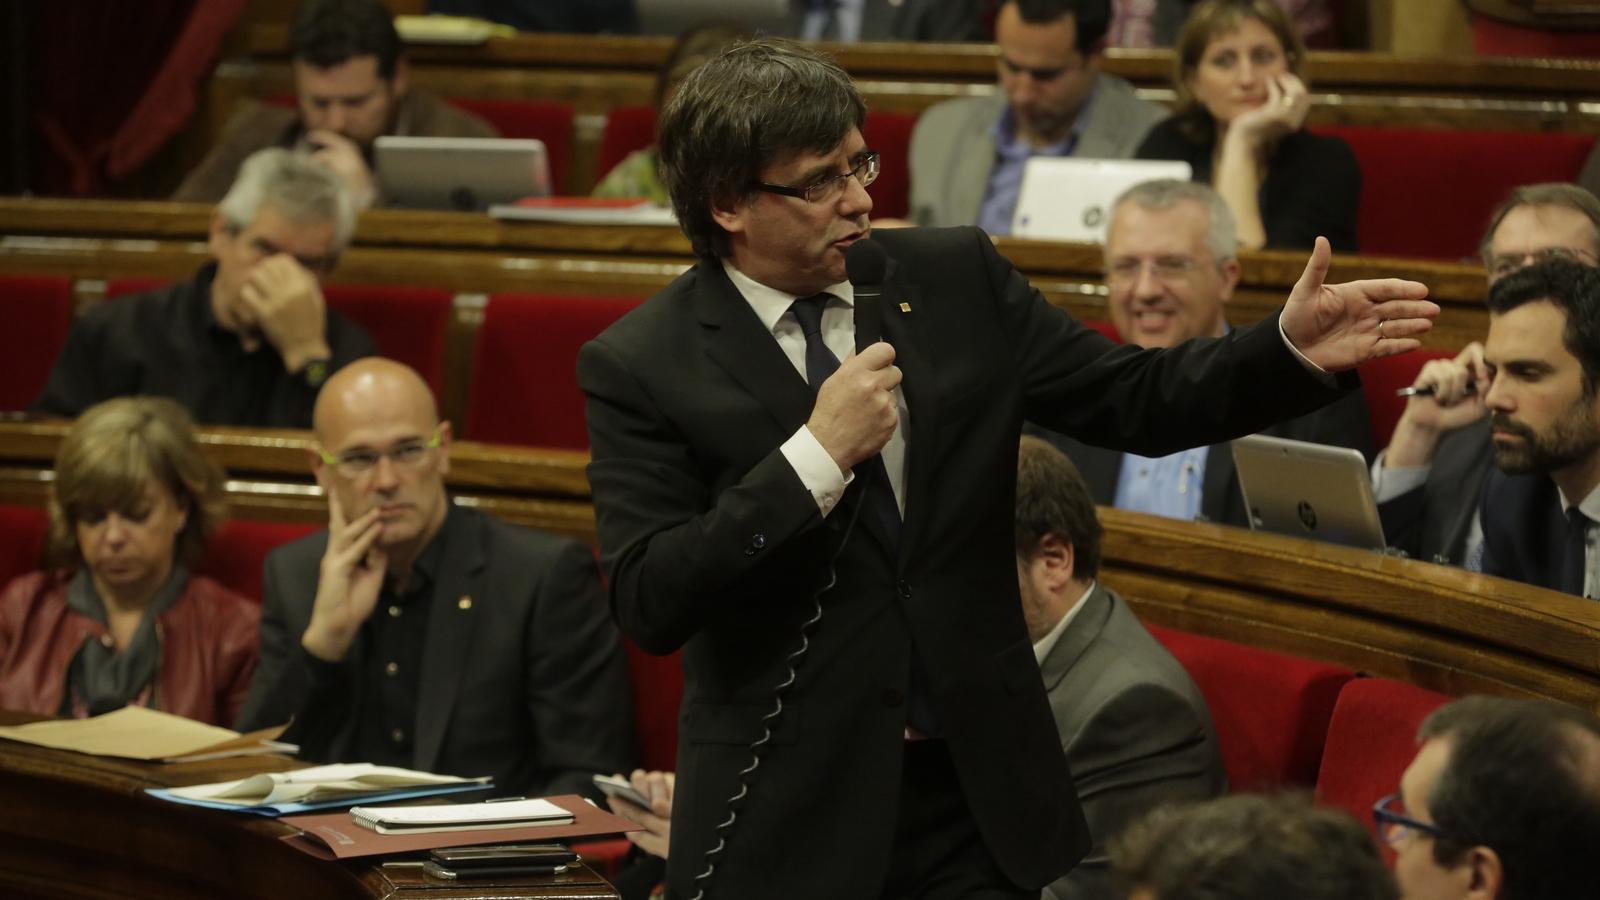 Parlament | Sessió de Control al Govern #1 - Página 2 President-Generalitat-Carles-Puigdemont-Parlament_1553854751_28240480_651x366